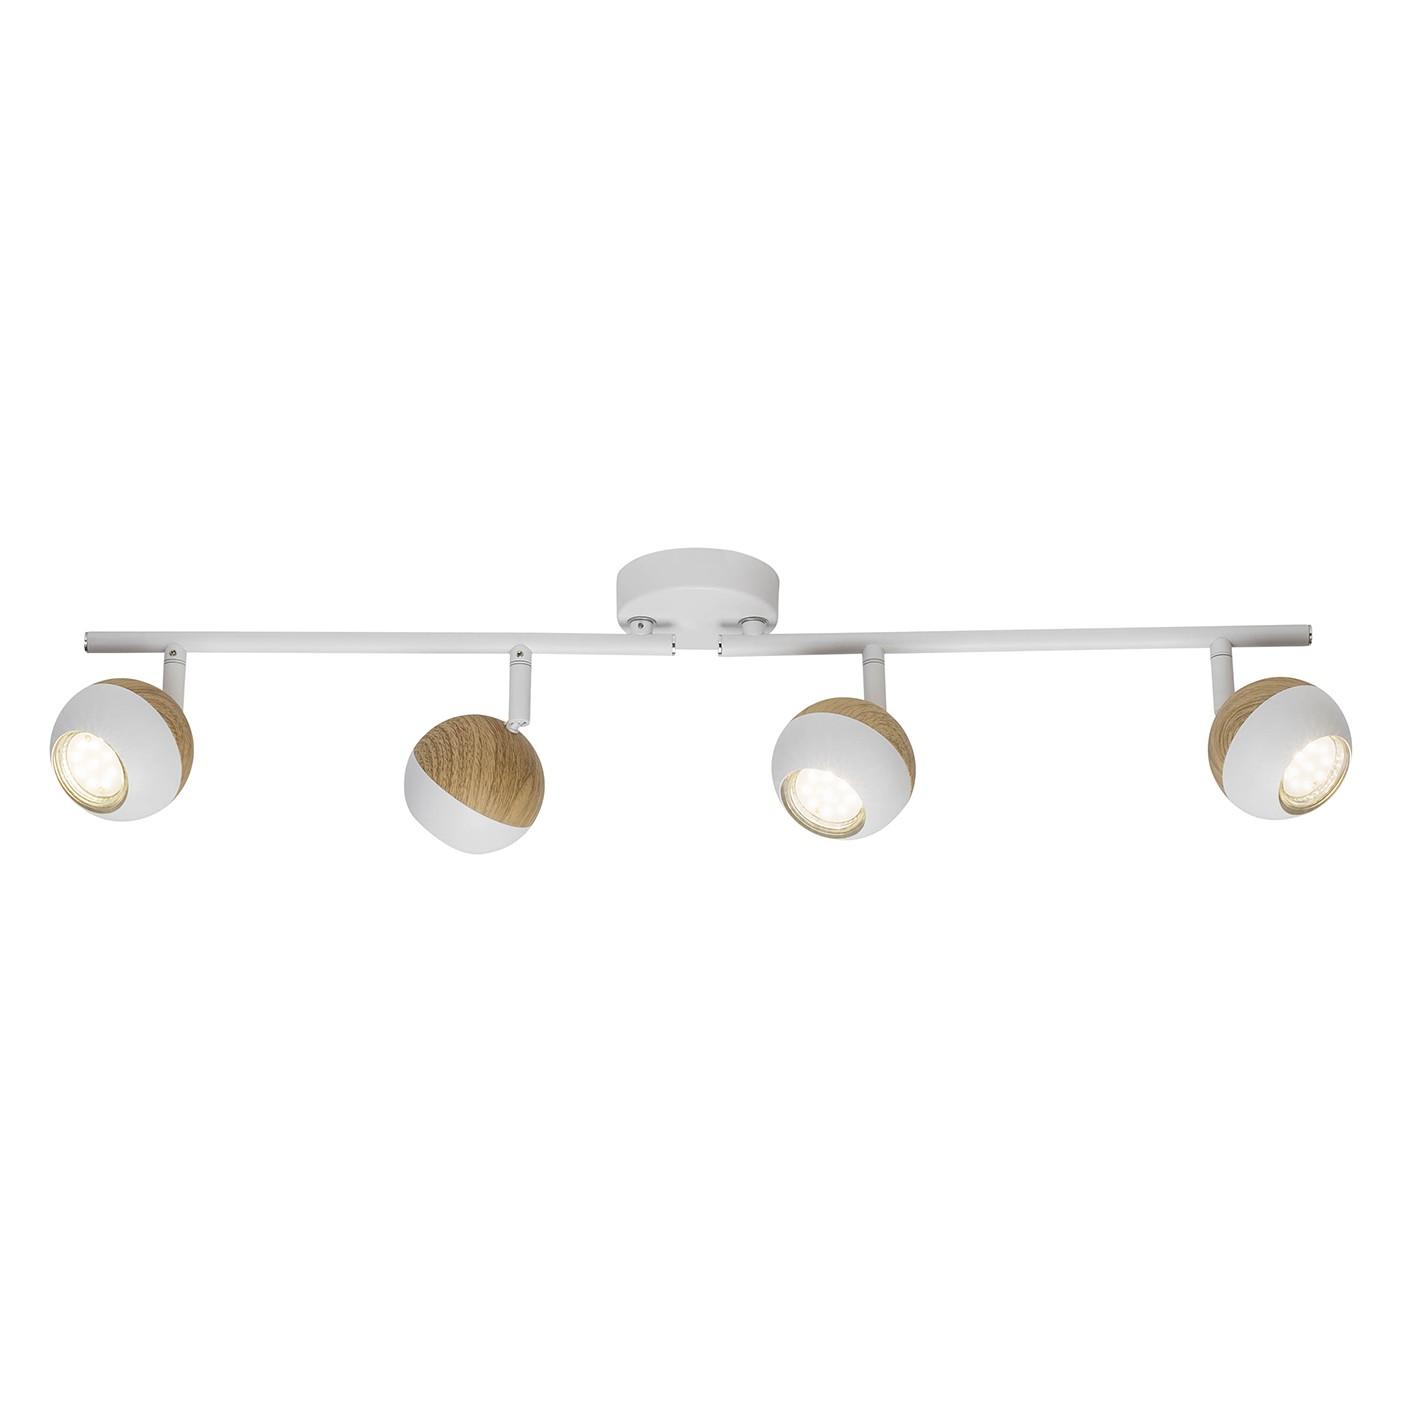 LED-Deckenstrahler Scan I